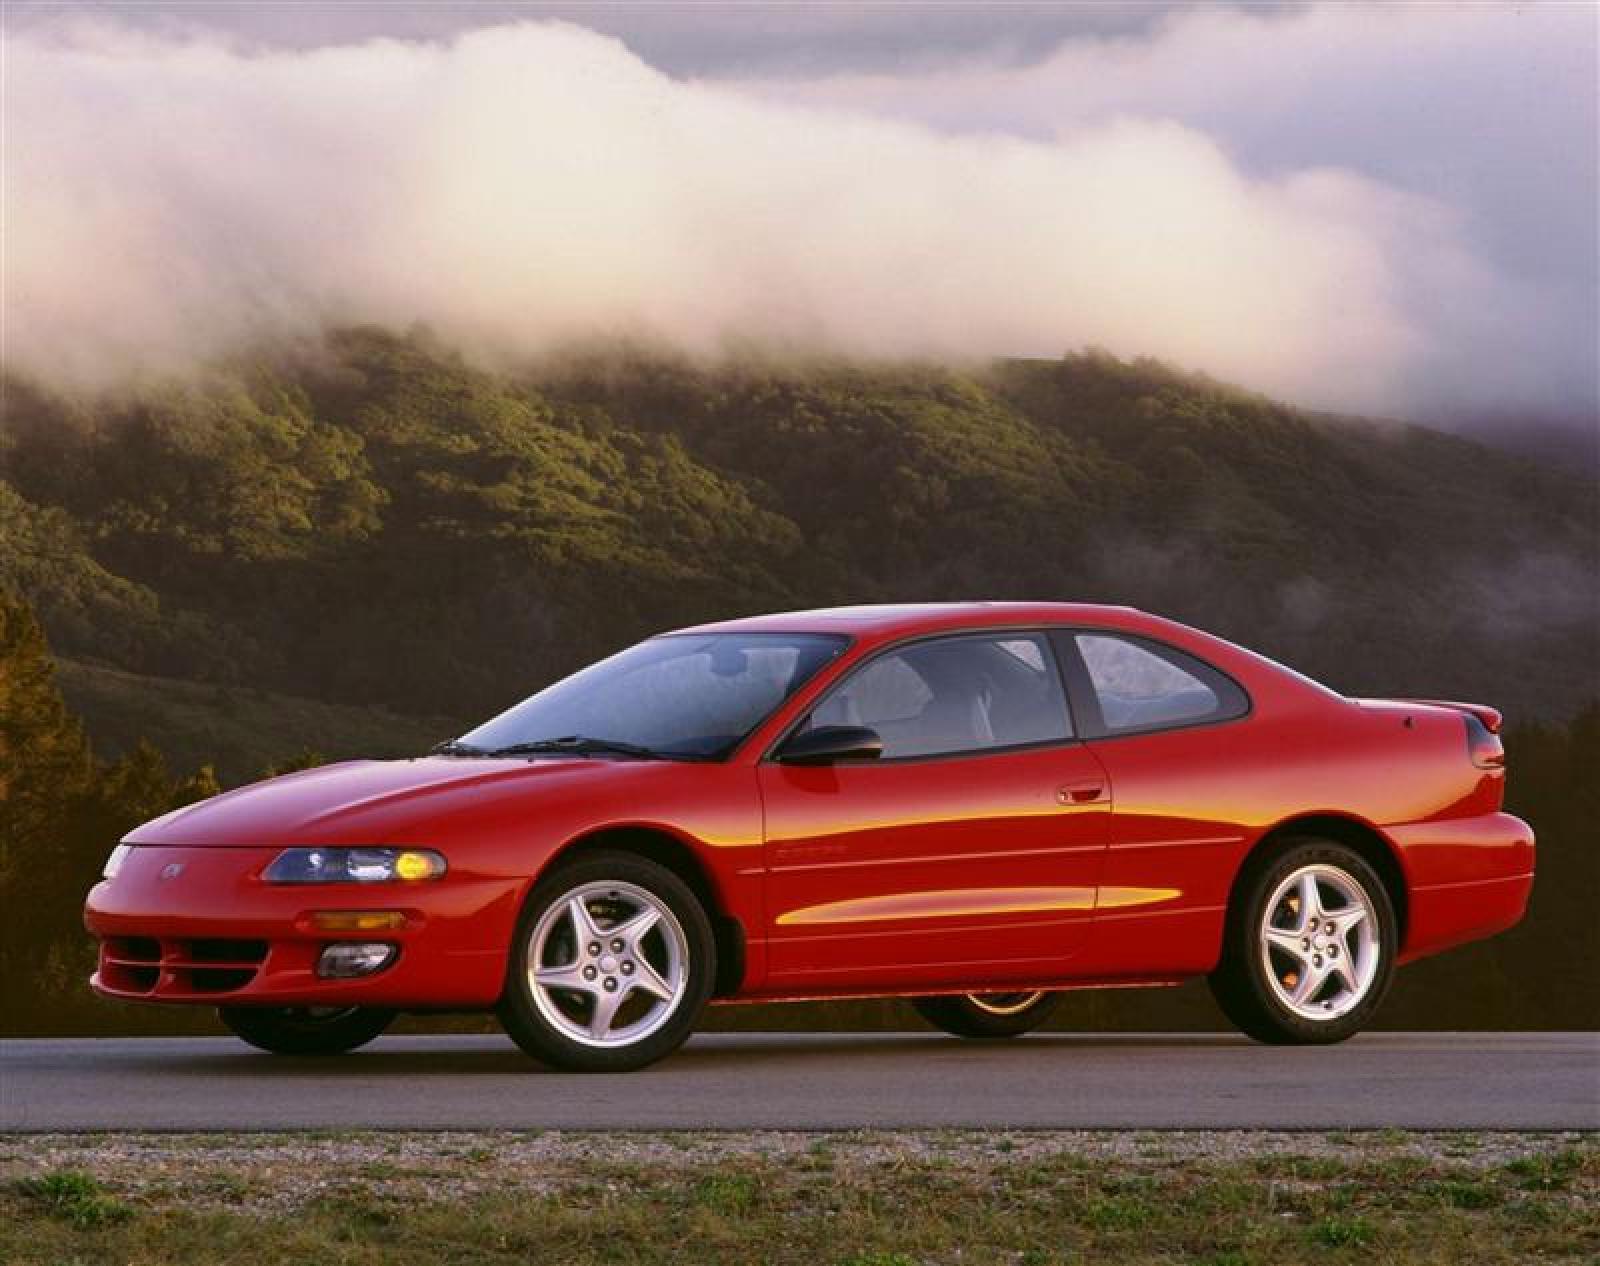 800 1024 1280 1600 origin 1998 Dodge Avenger ...